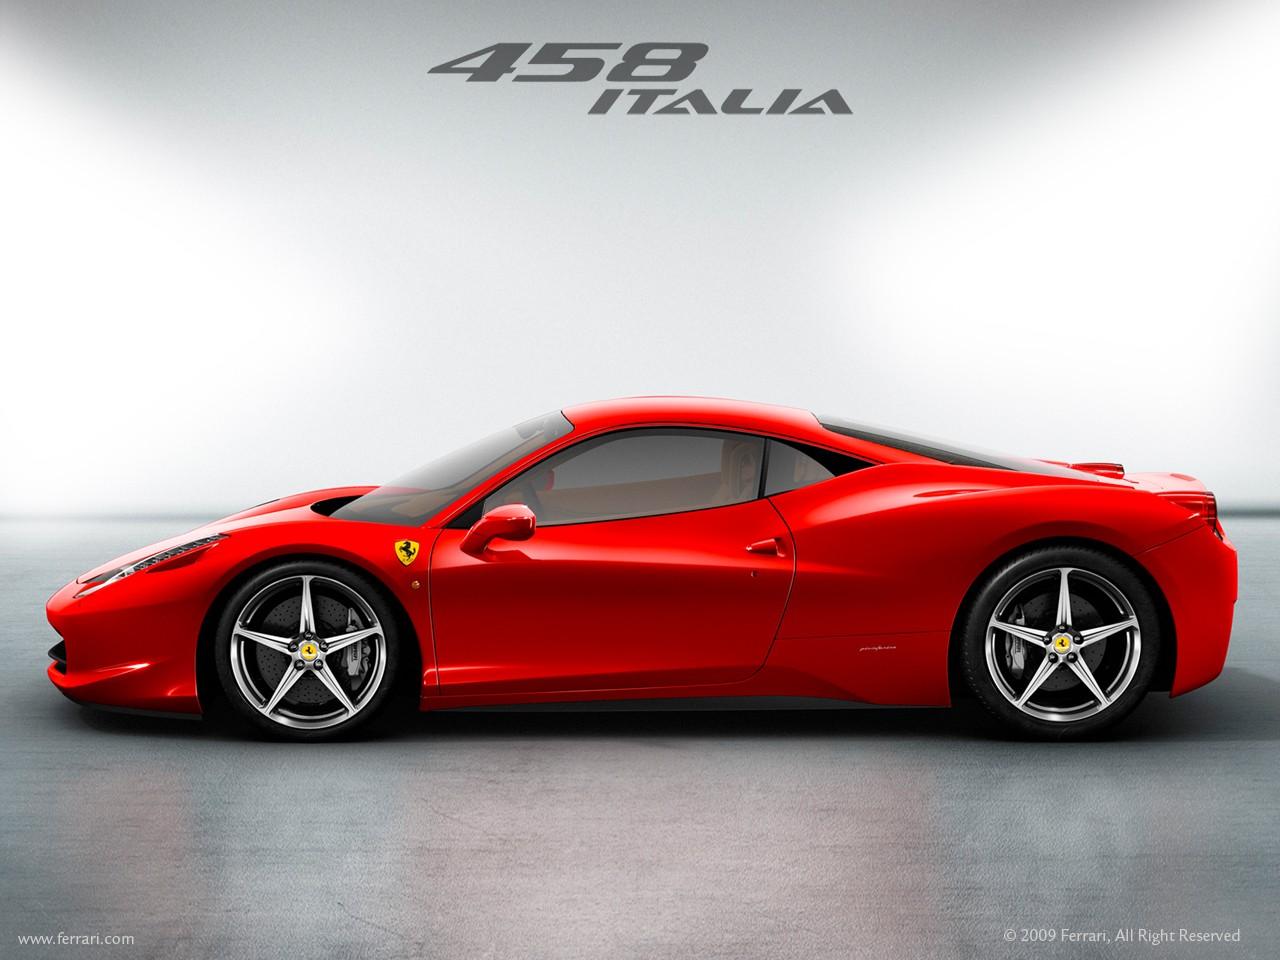 http://2.bp.blogspot.com/--NO8-hz8Mbg/TfbeM3Gc2FI/AAAAAAAADVU/4OE5v5ke58Y/s1600/2010-Ferrari-458-Italia-pics.jpg